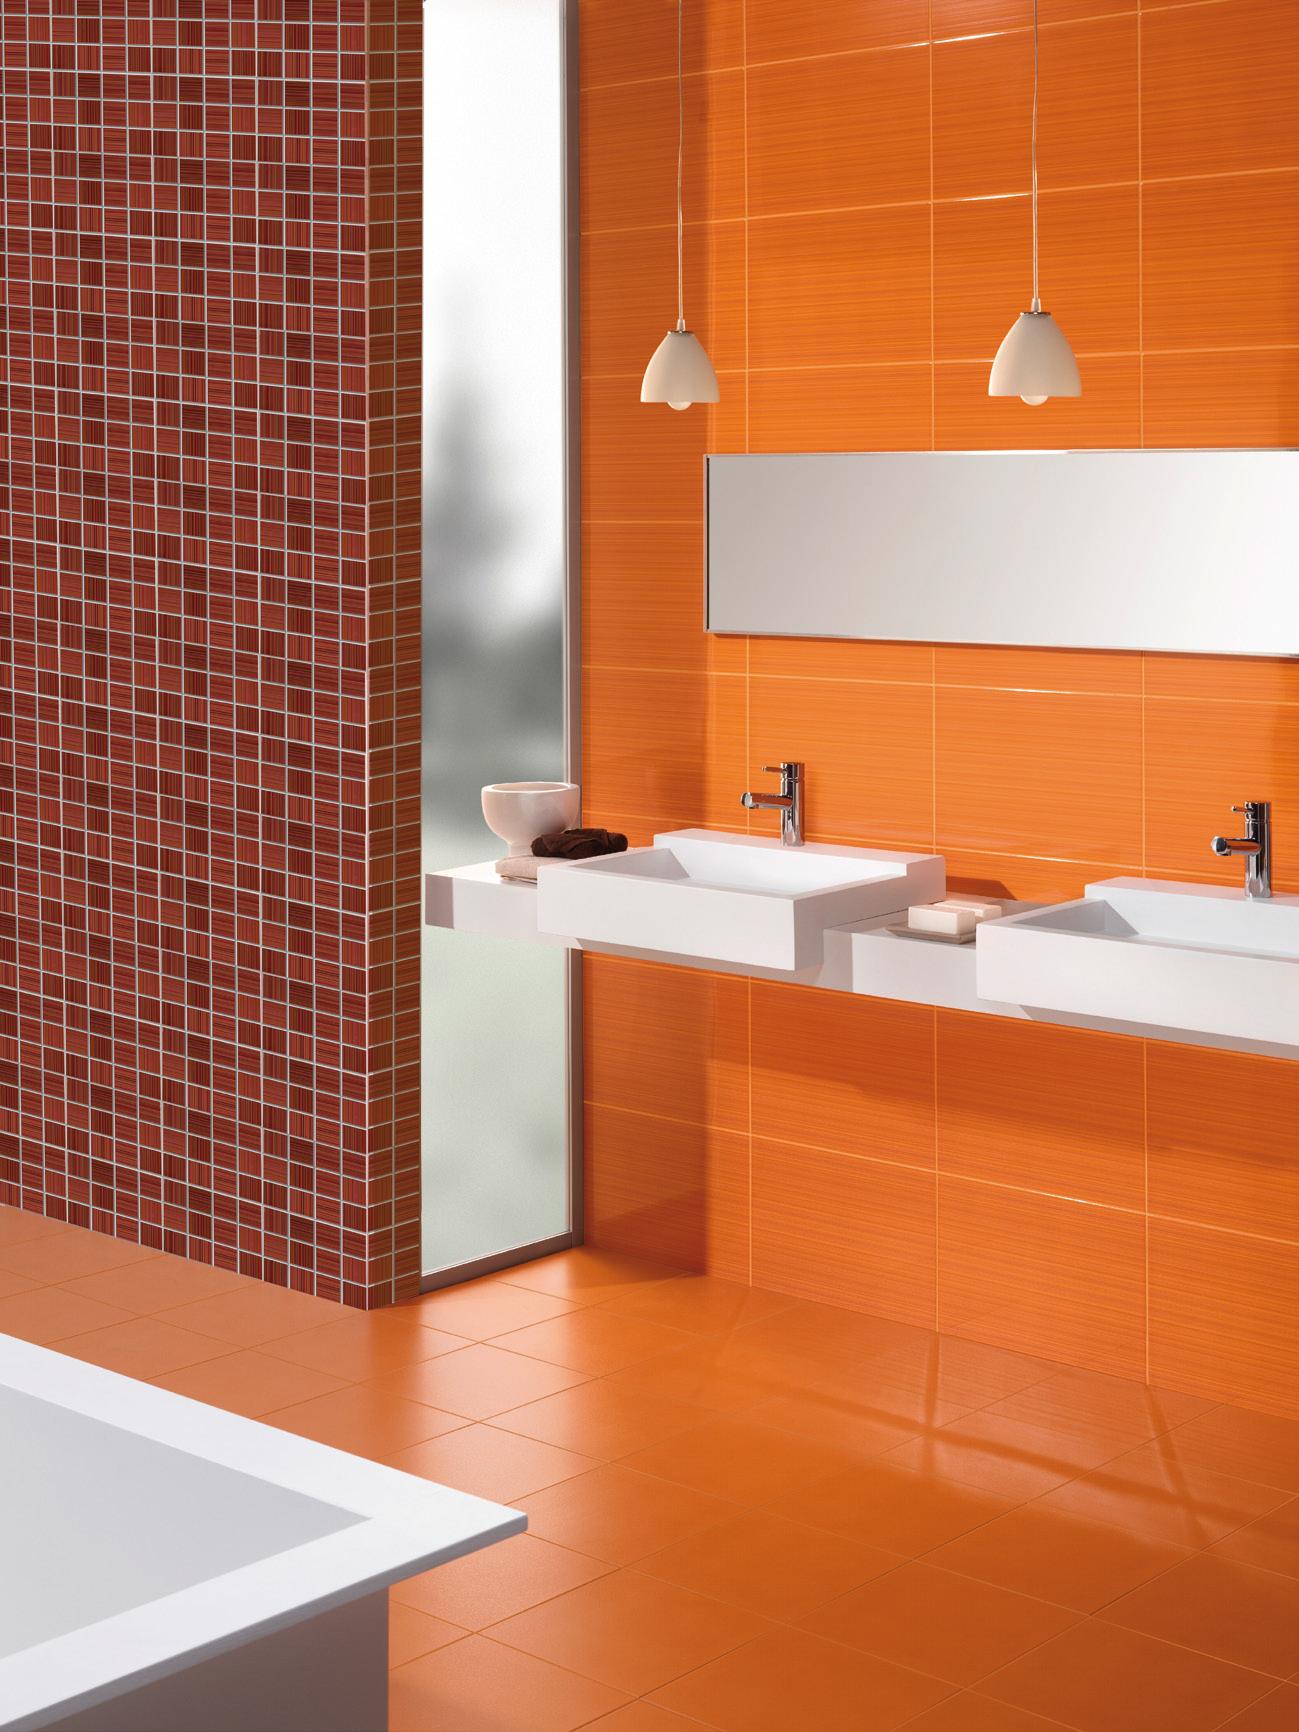 Оранжевый, коричневый и белый цвета в ванной